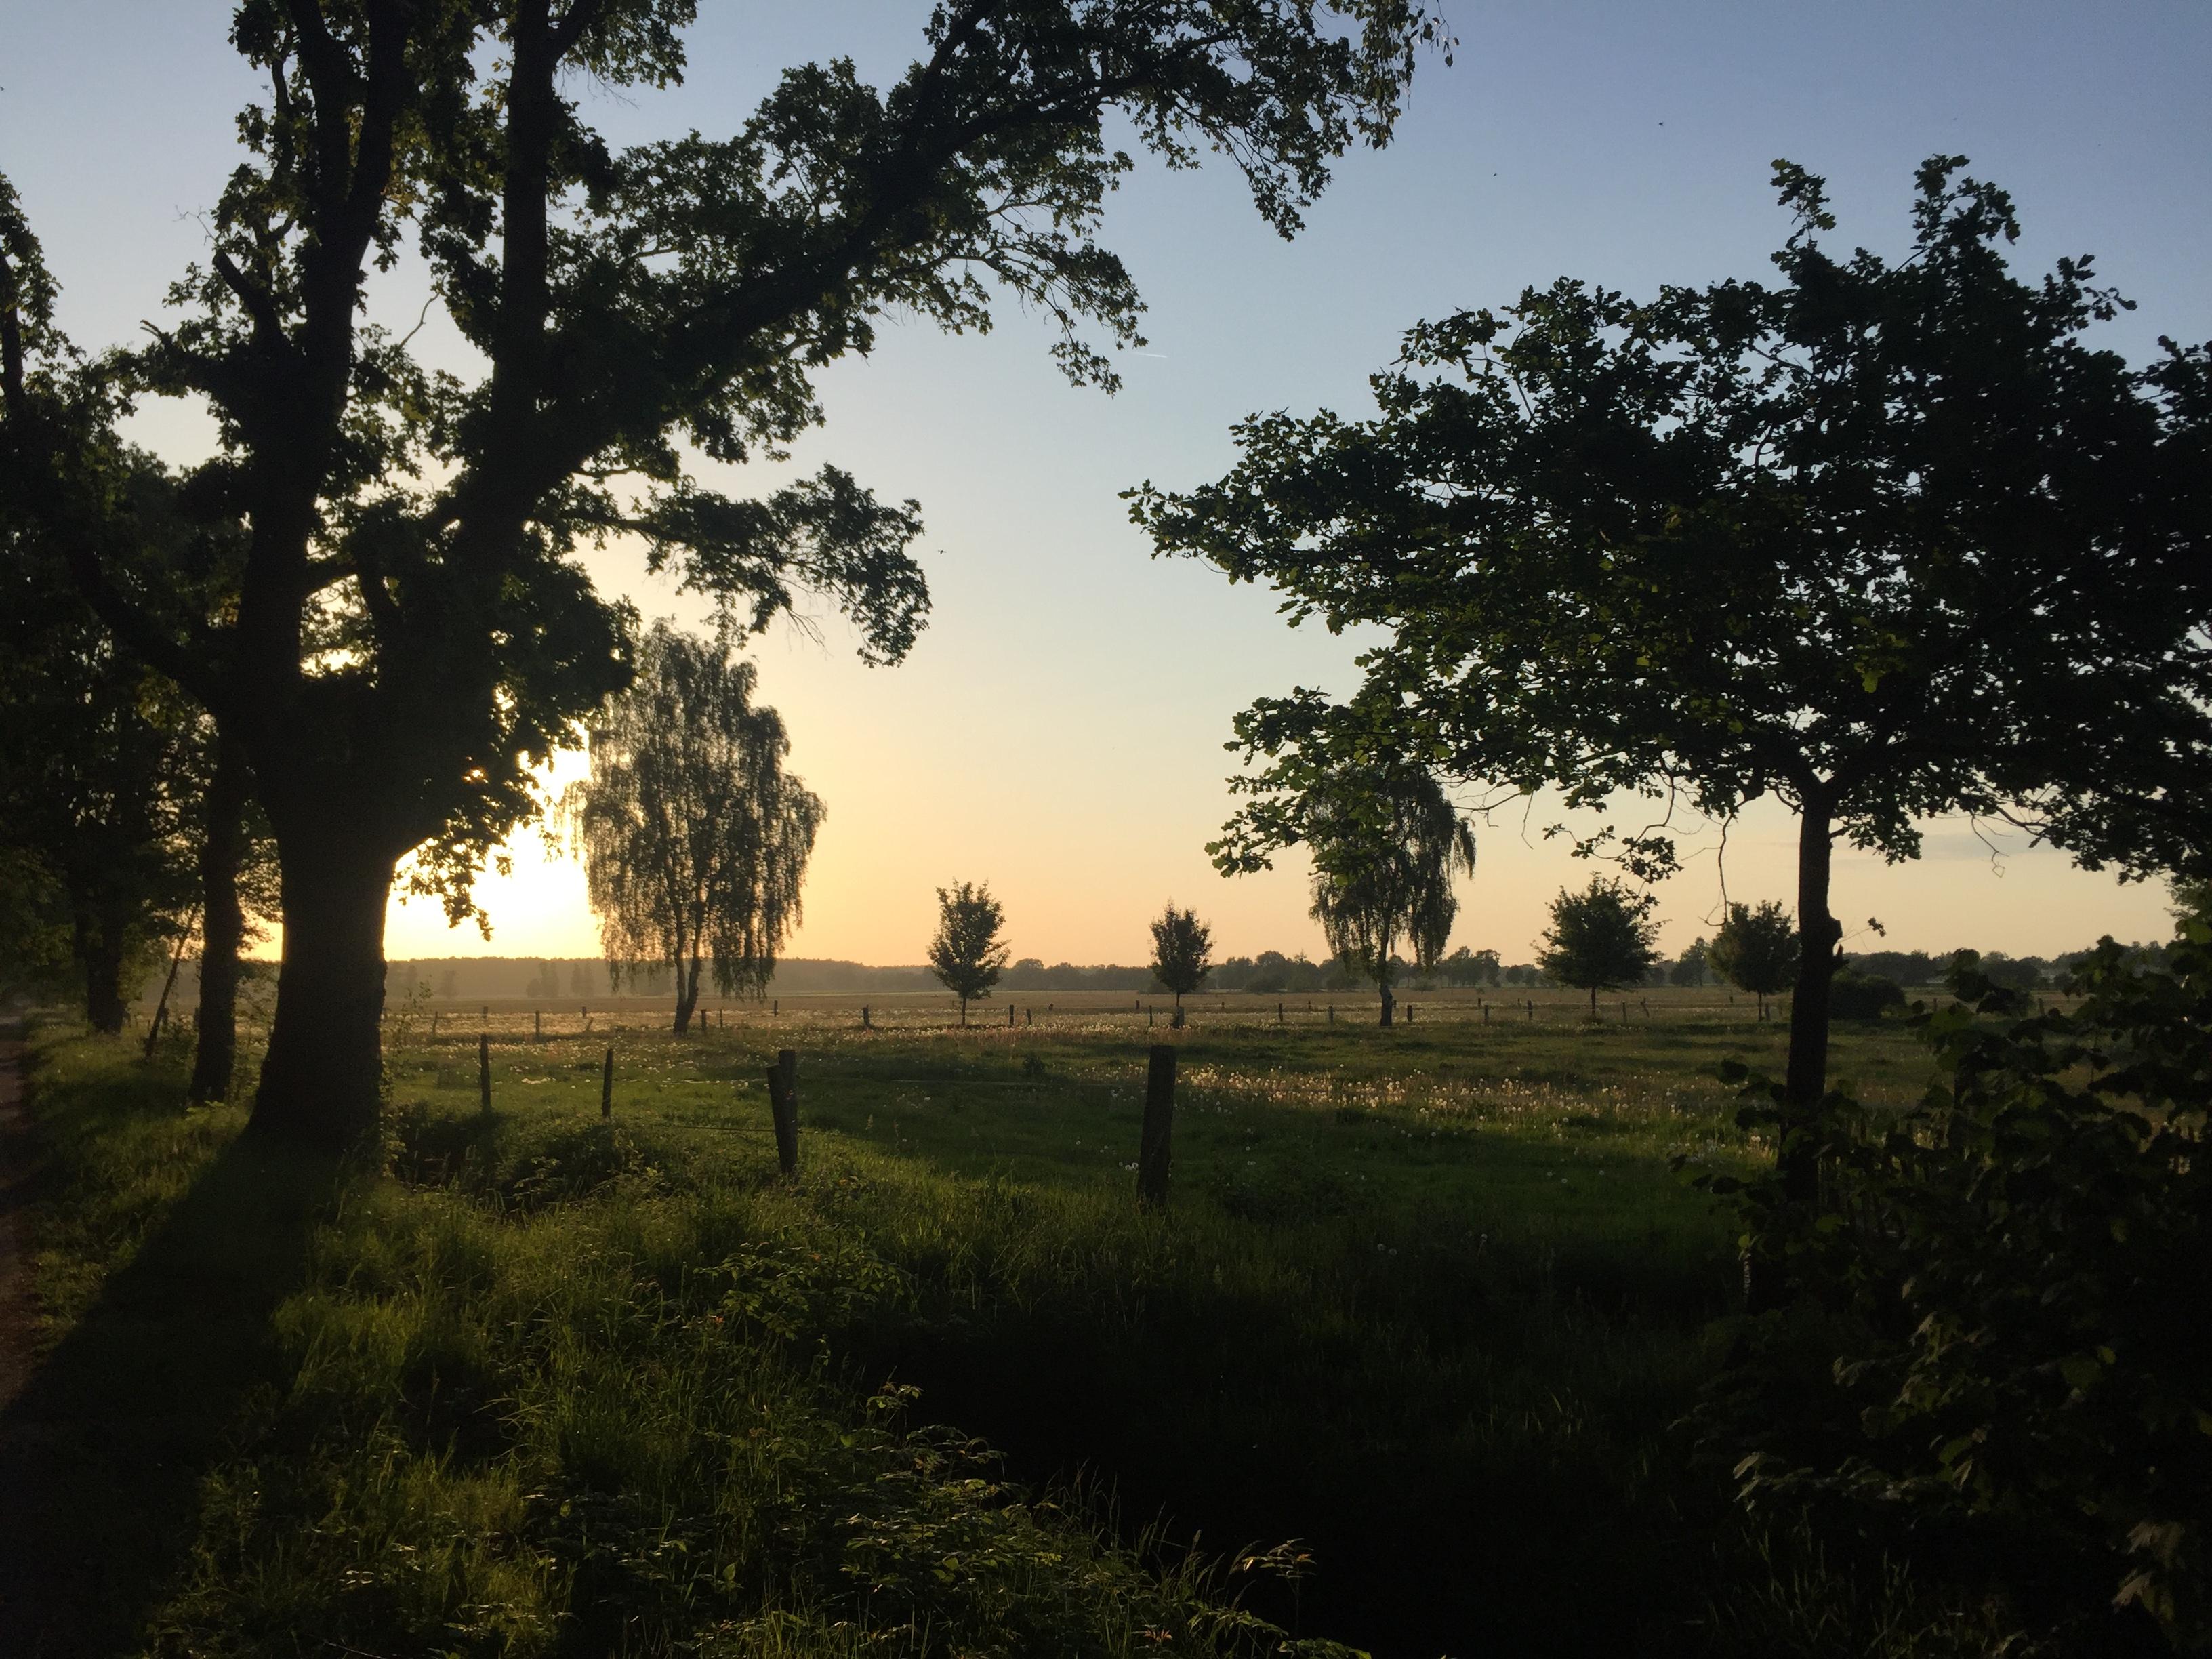 Pusteblume, Landleben, Wiese